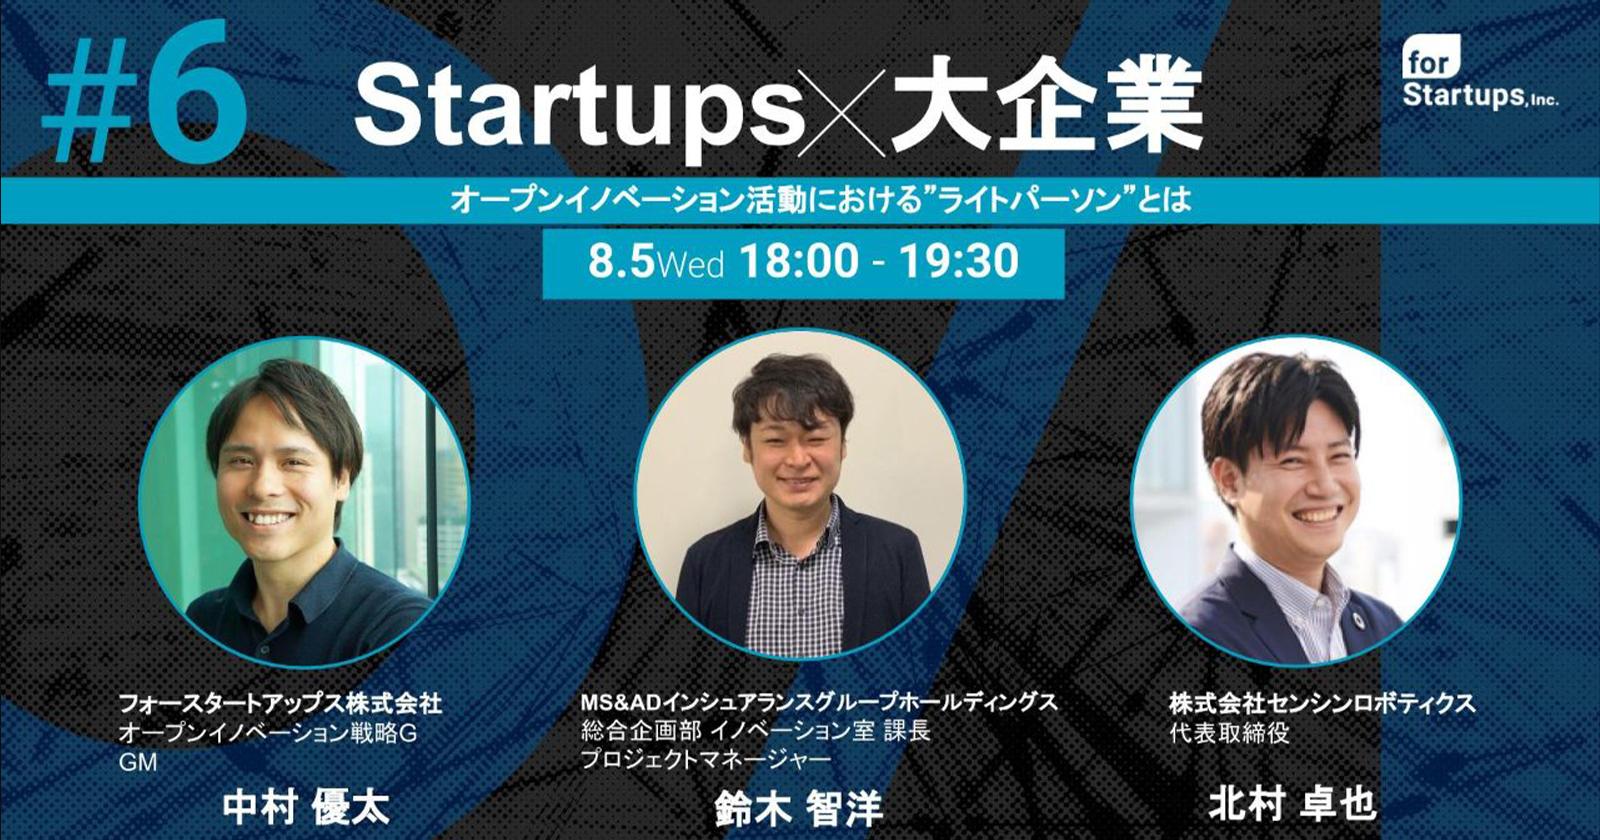 """【イベント】""""「Startup x 大企業 #6」 〜オープンイノベーション活動における""""ライトパーソン""""とは""""を開催しました。"""